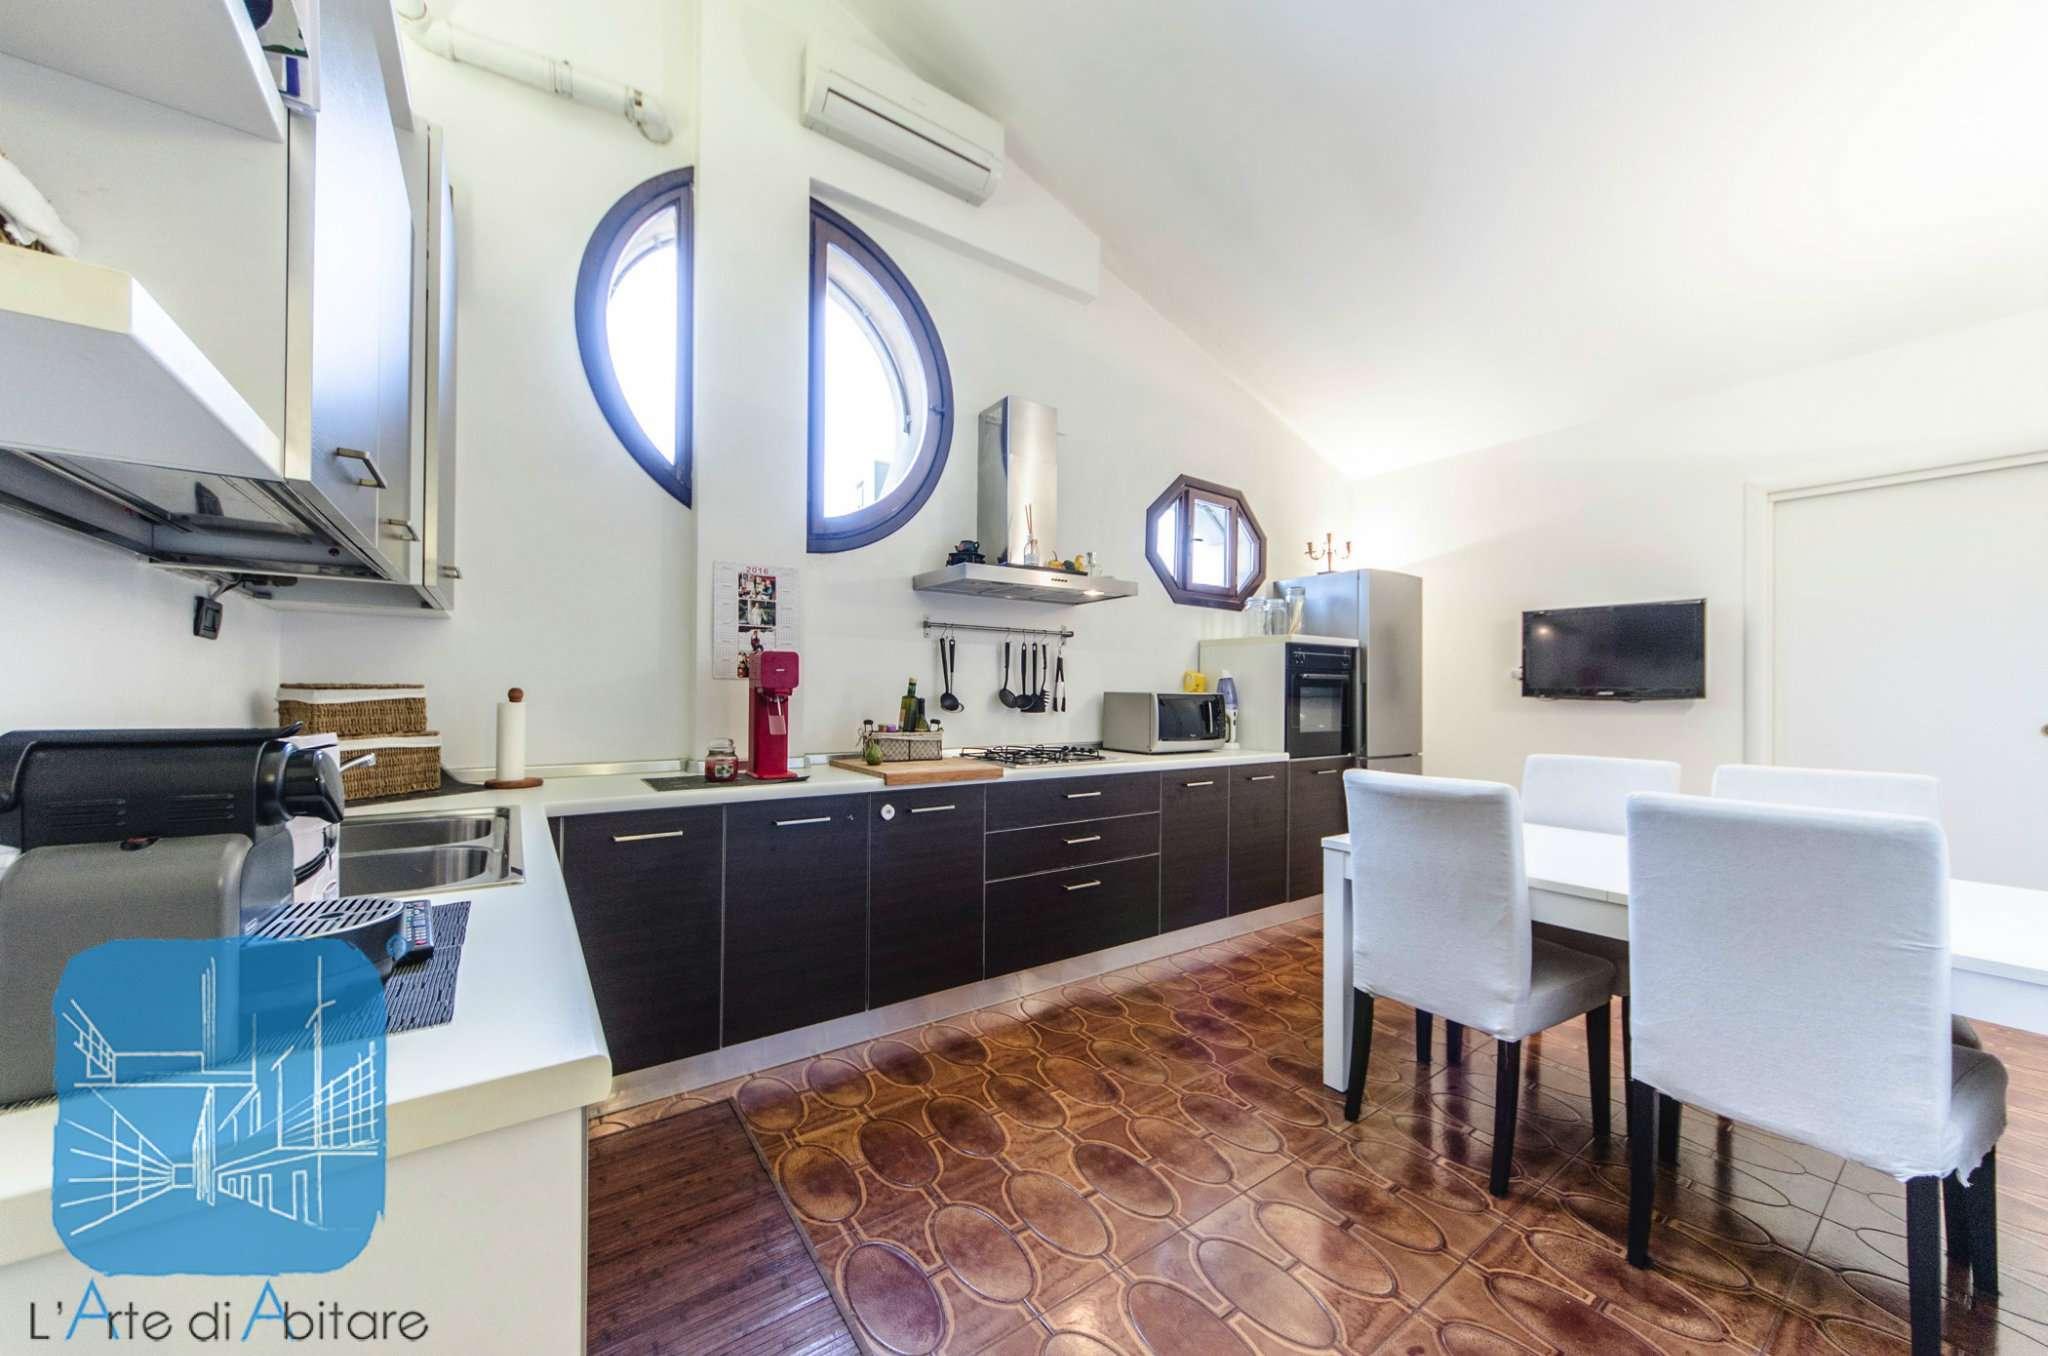 Appartamento in vendita a Piove di Sacco, 4 locali, prezzo € 130.000 | Cambio Casa.it